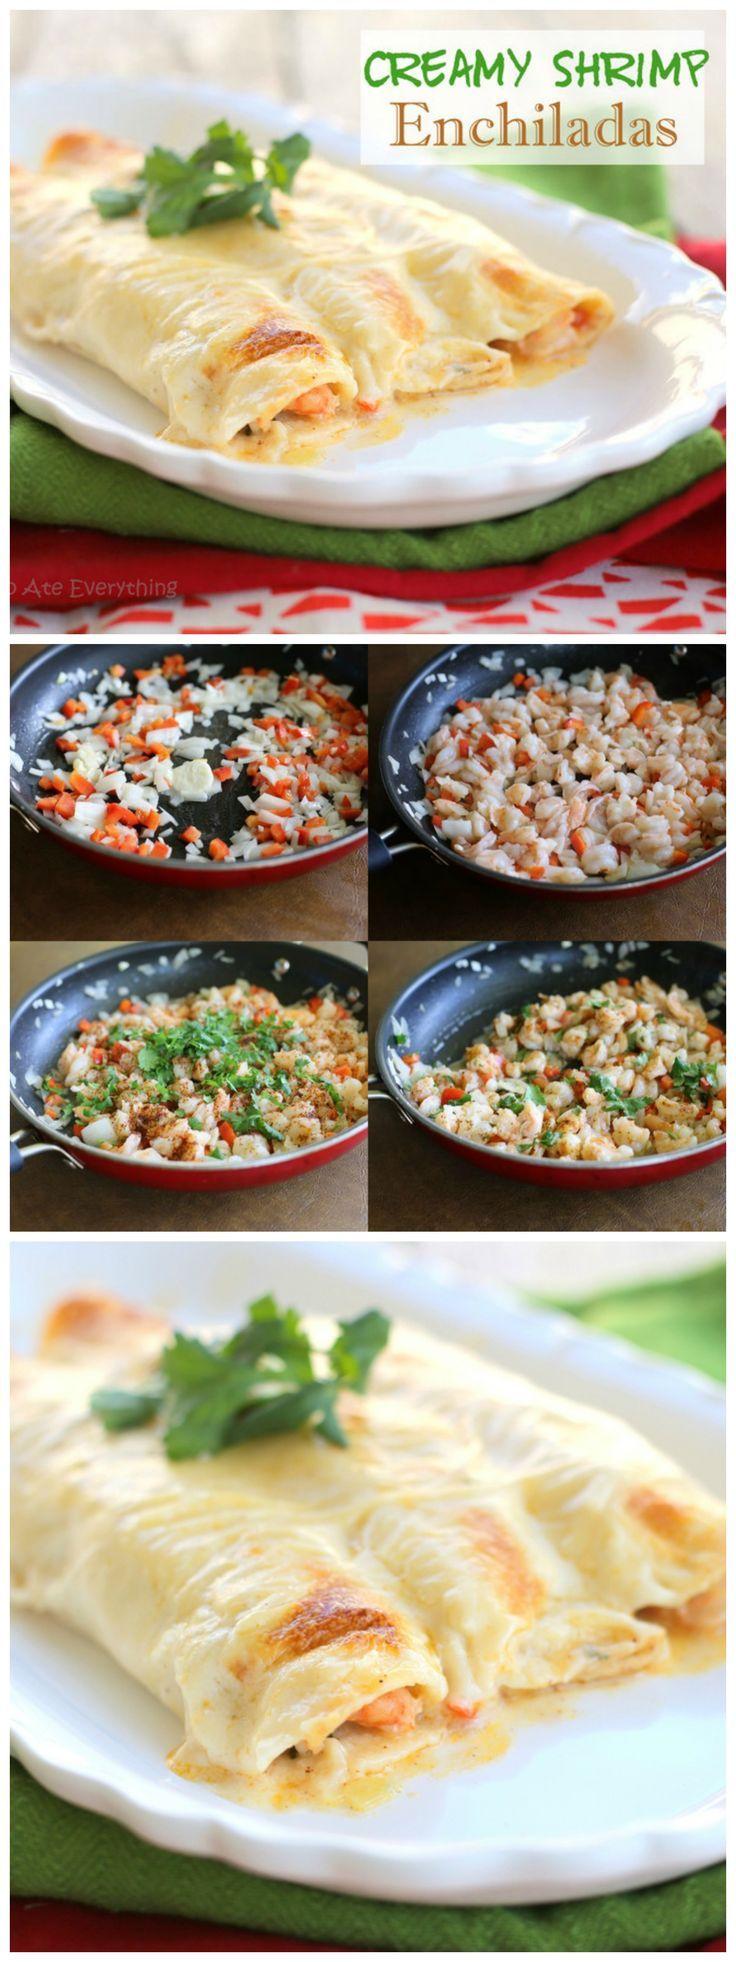 awesome Creamy Shrimp Enchiladas...